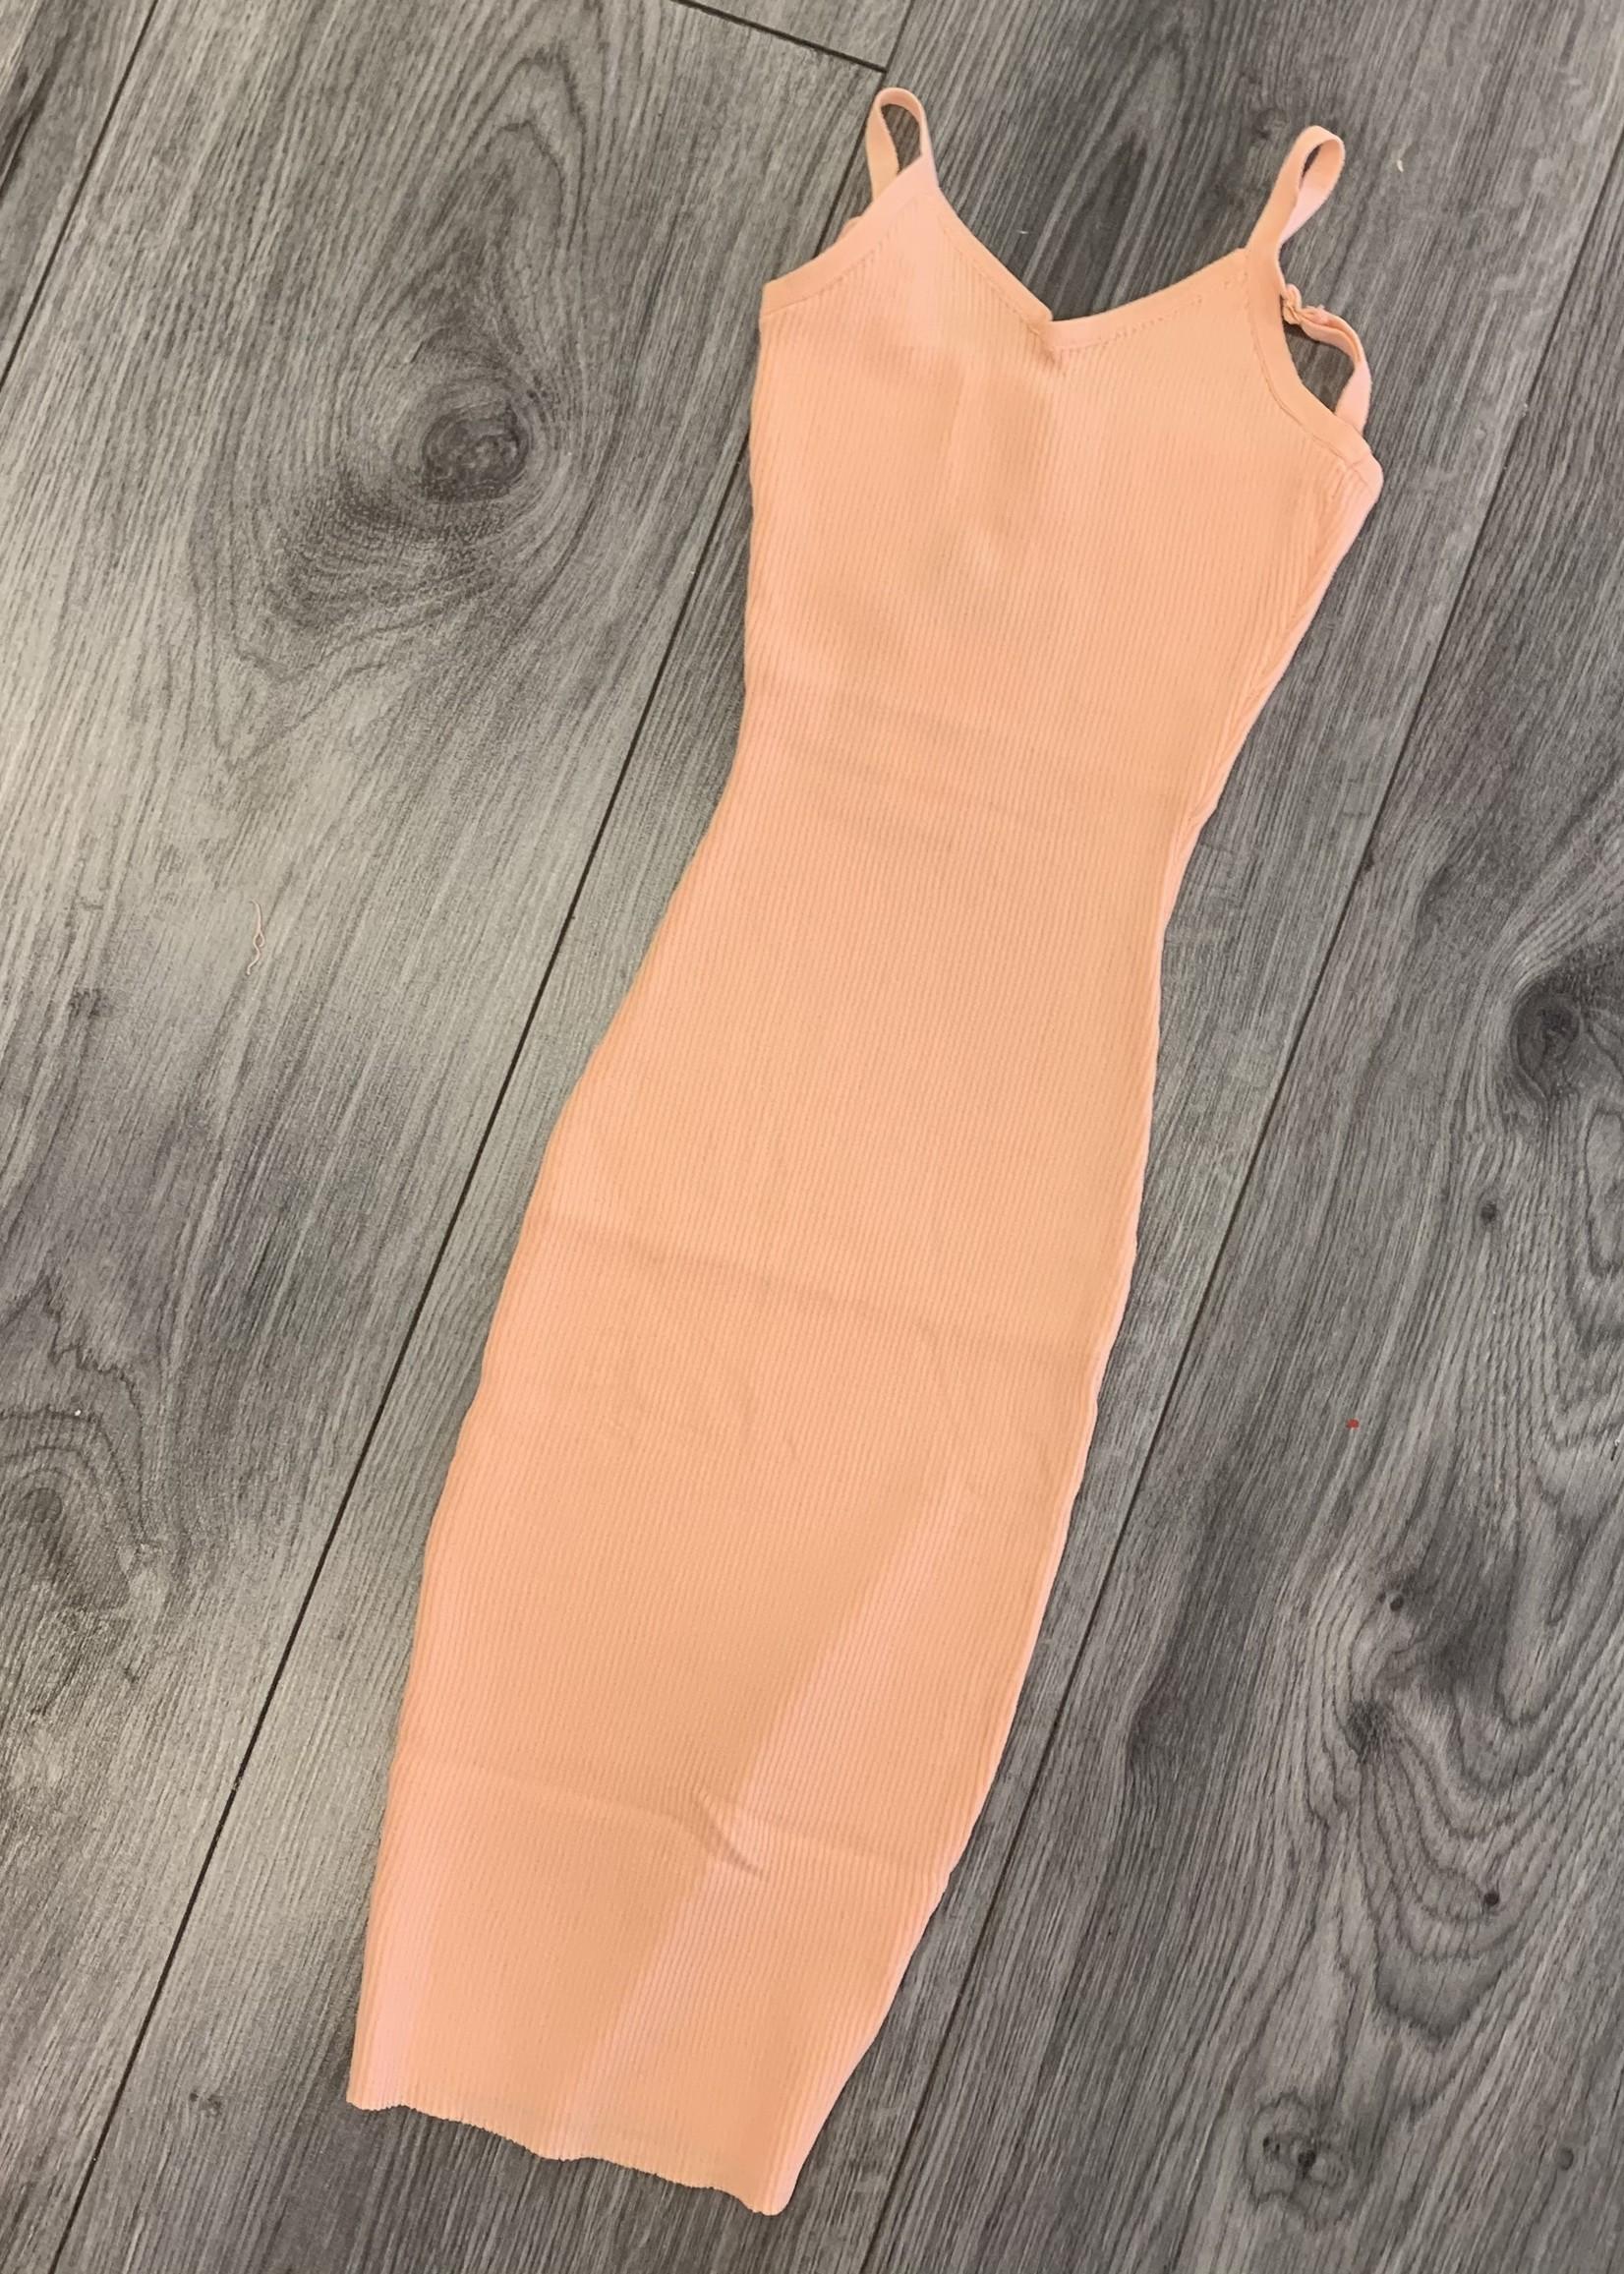 Divanis Divanis orange dress